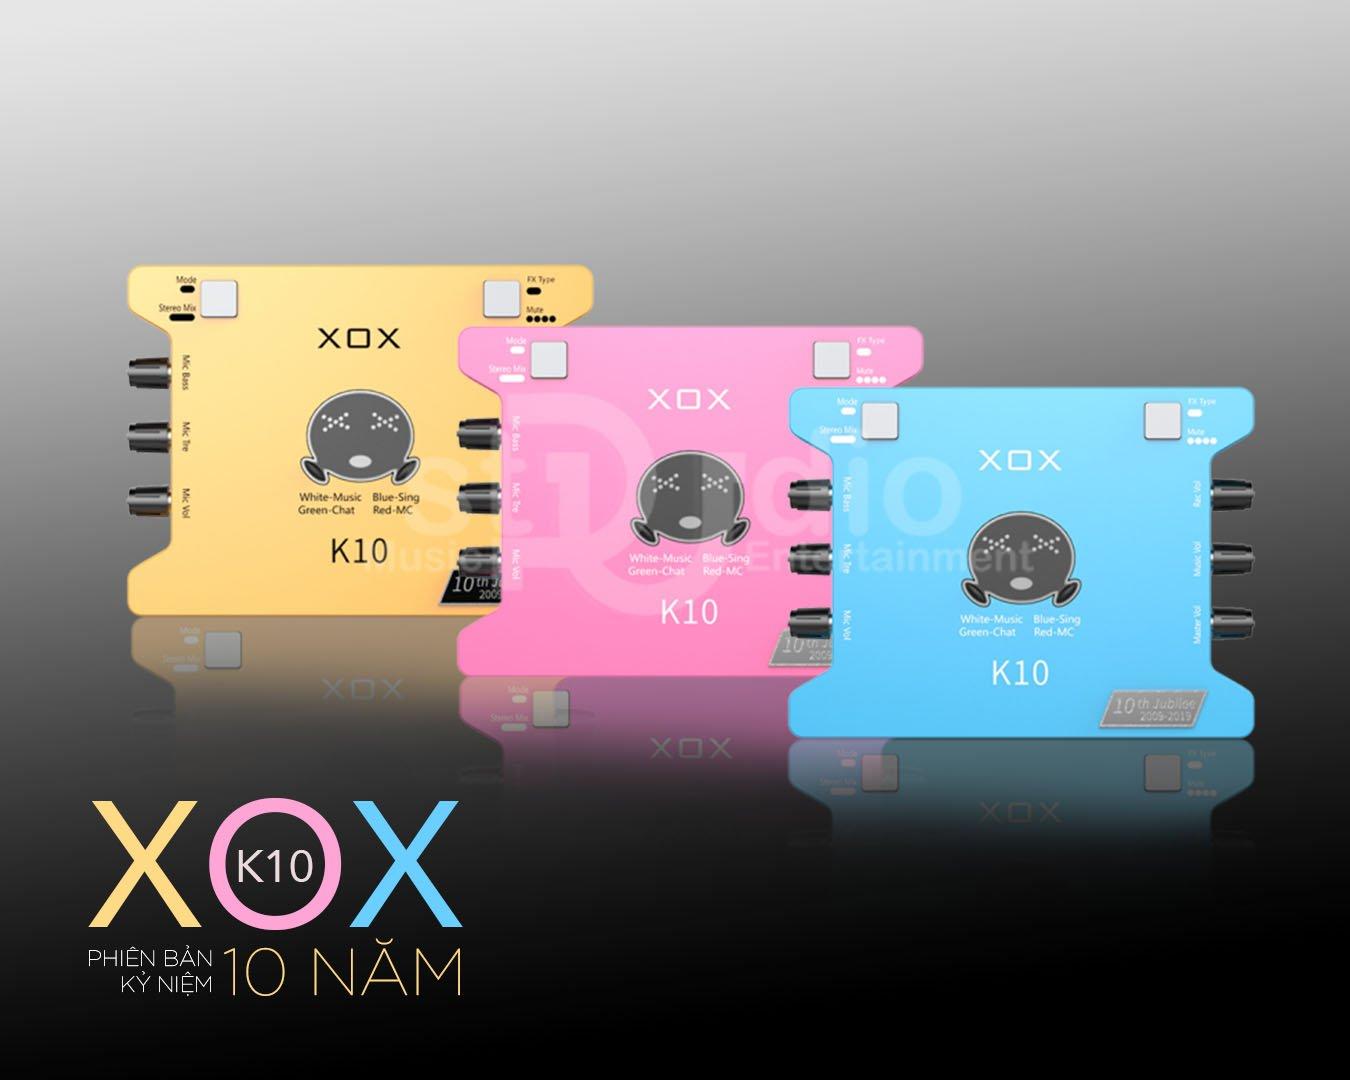 huong-dan-su-dung-soundcard-xox-k10-jubilee-pustudio1